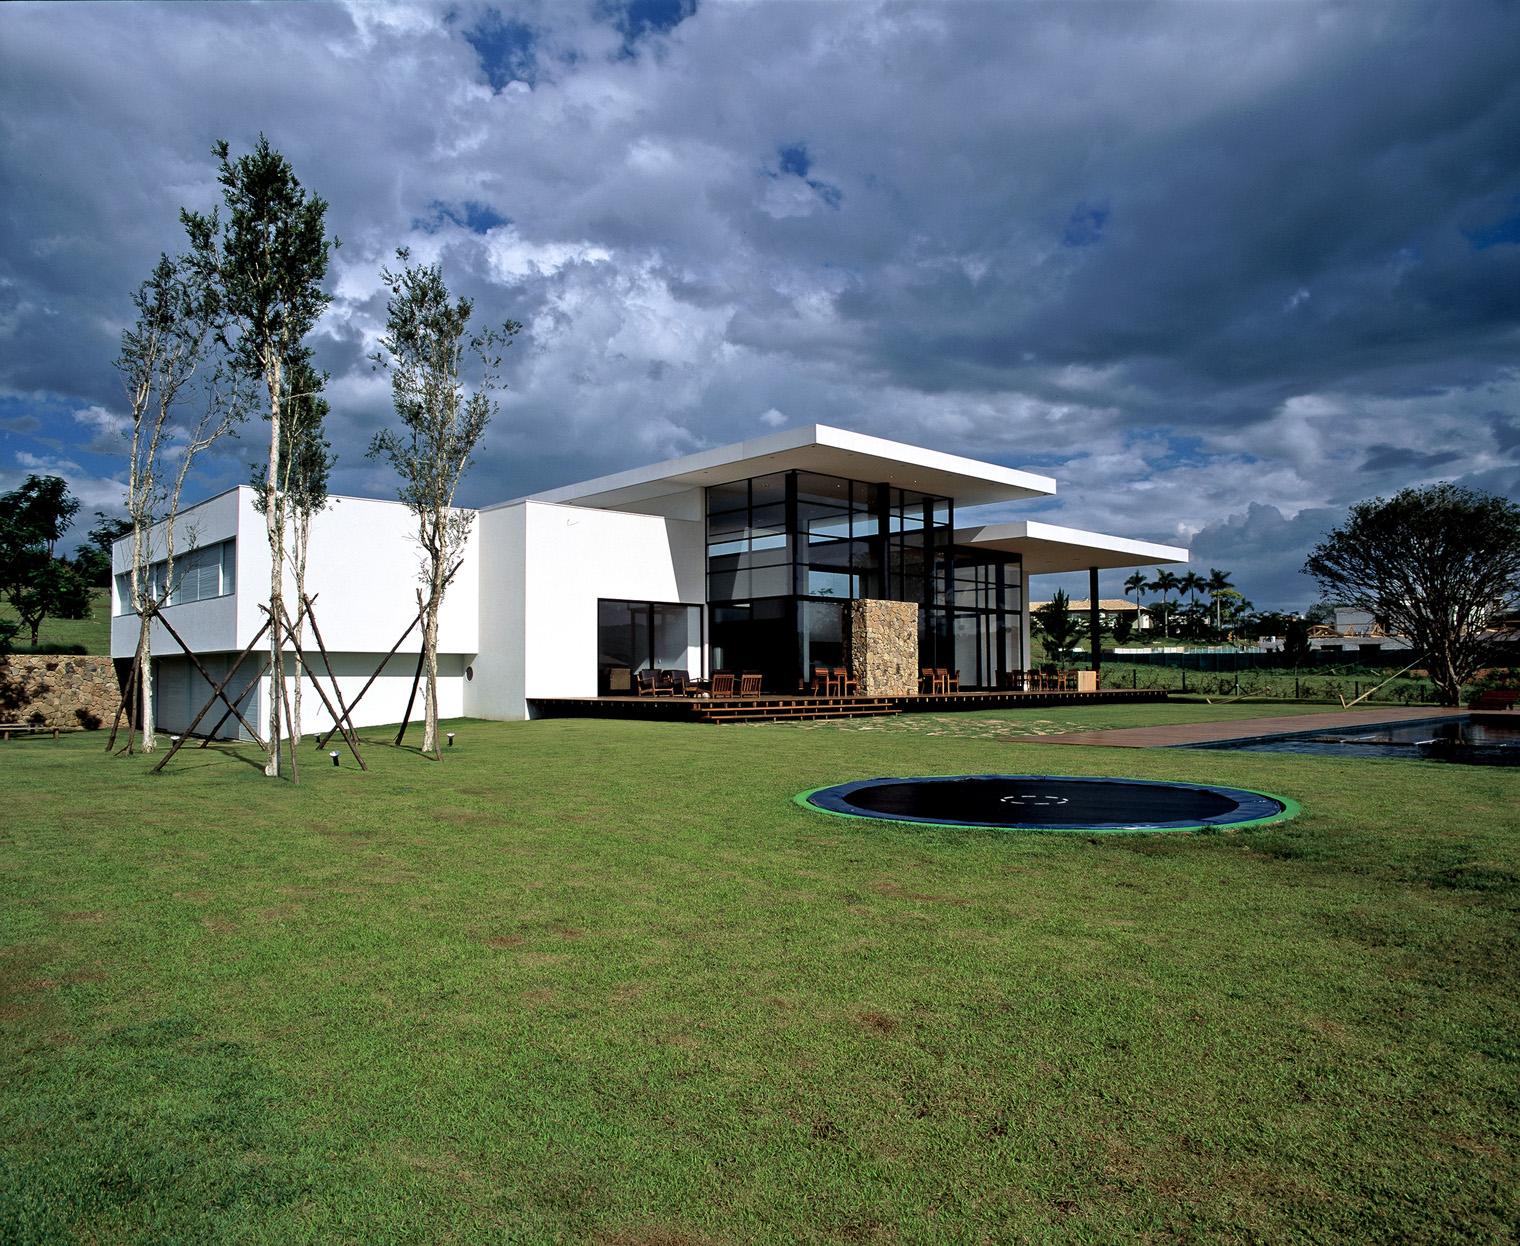 Residencia-baroneza-simone-mantovani-exterior-jardin-diariodesign